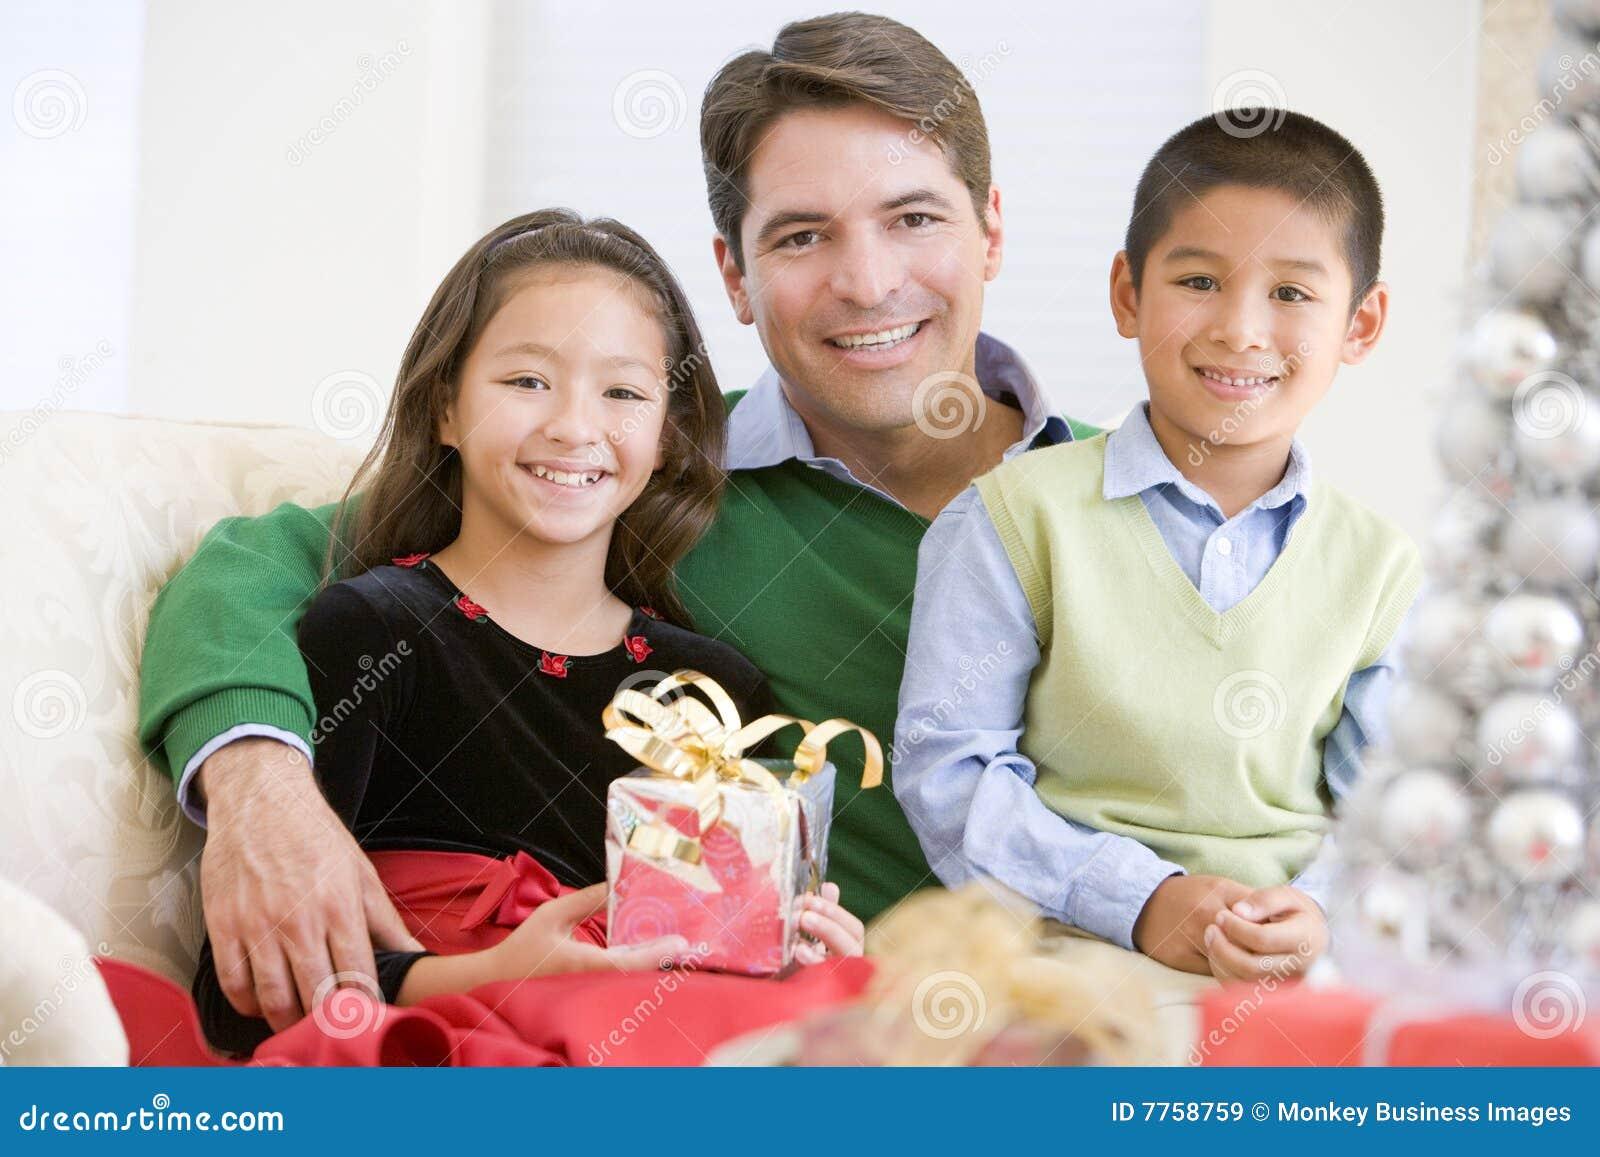 Подарки родителям невесты 17